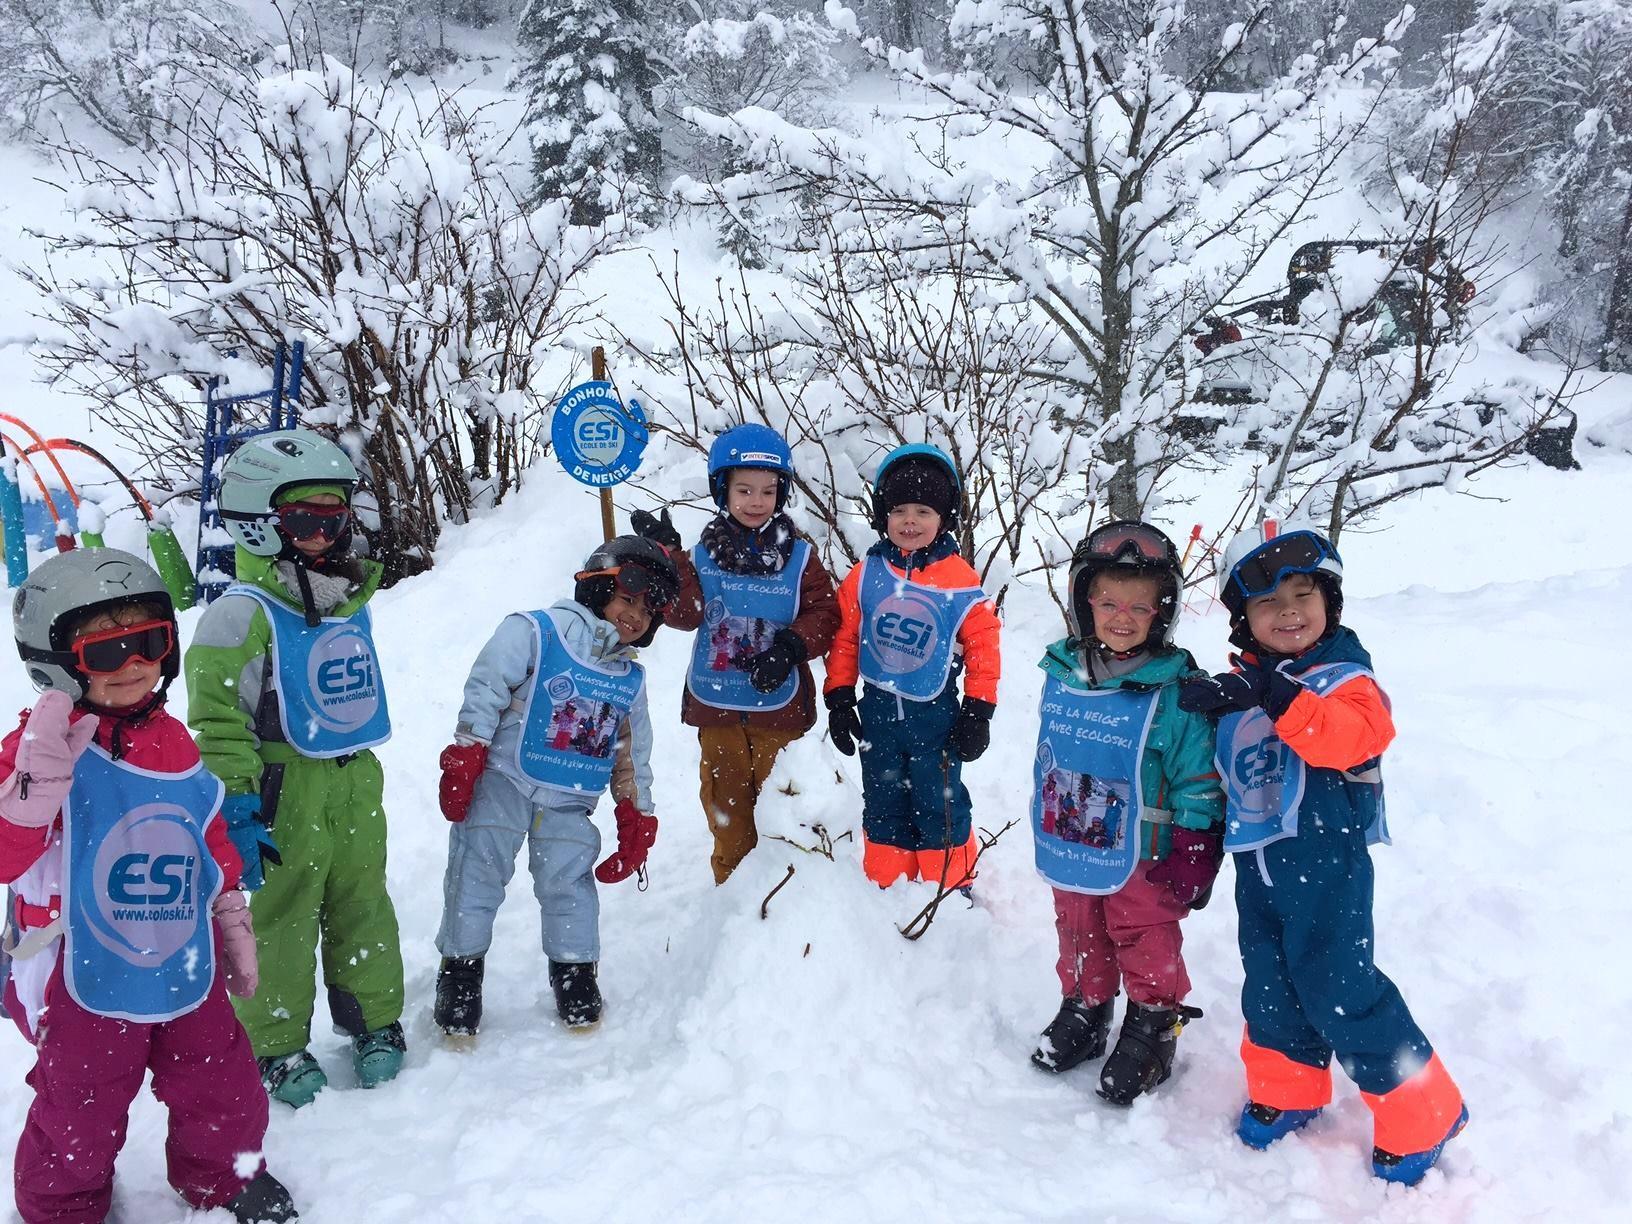 Cours de ski pour Enfants (3-11 ans) - Vacances - Matin